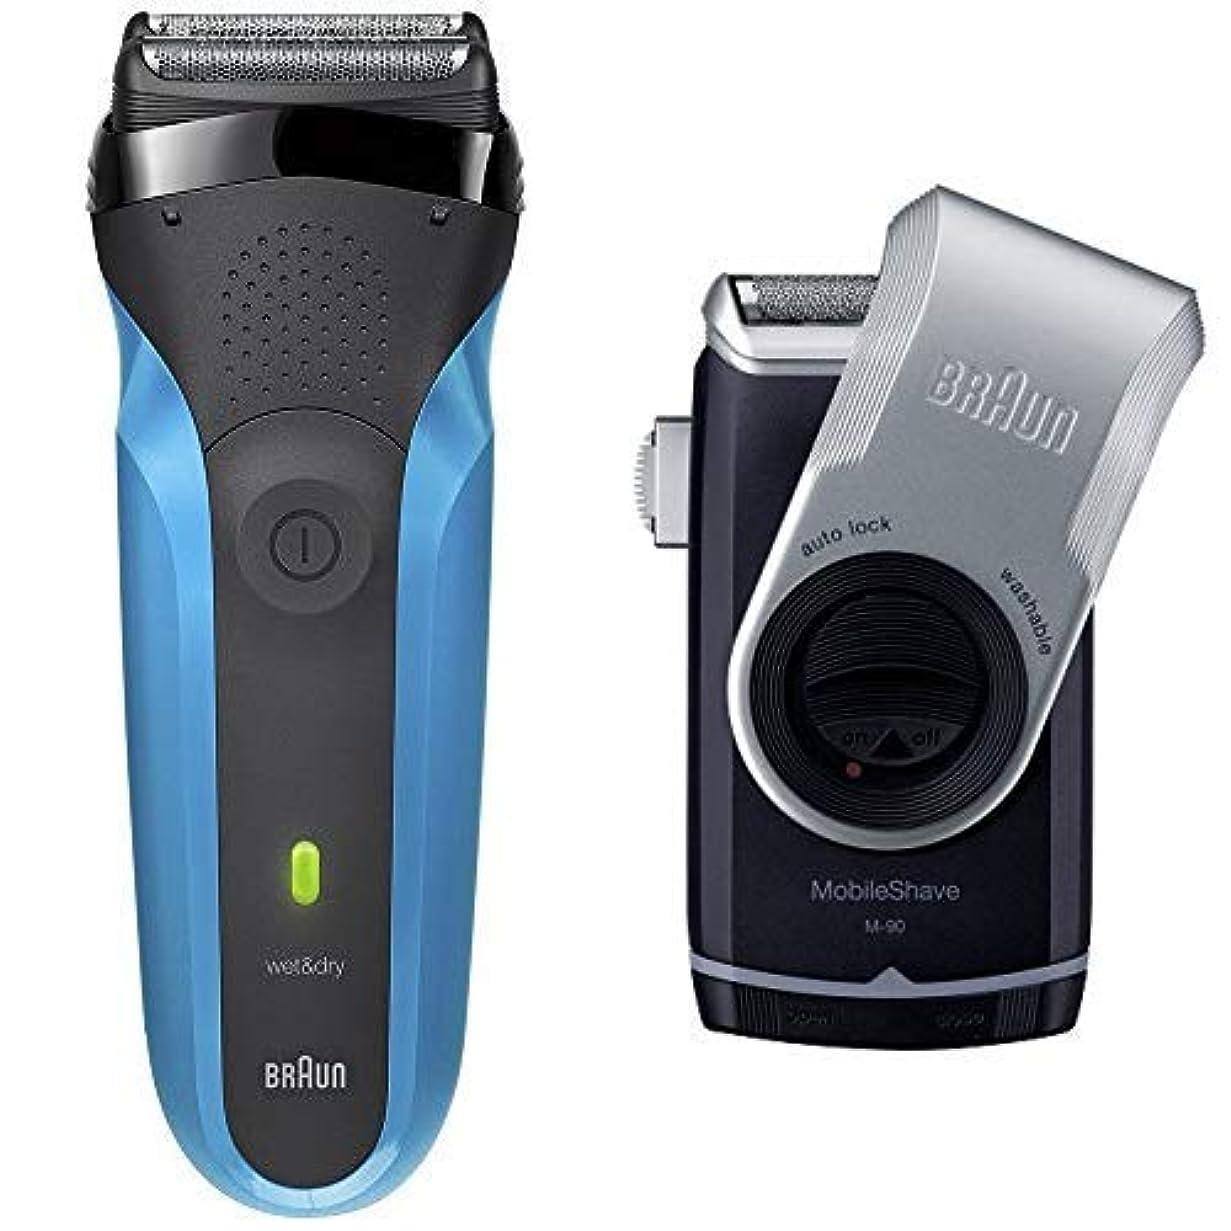 朝フリンジ遺伝子ブラウン メンズ電気シェーバー シリーズ3 310s 3枚刃 水洗い/お風呂剃り可 & モバイルメンズ電気シェーバー M-90 水洗い可